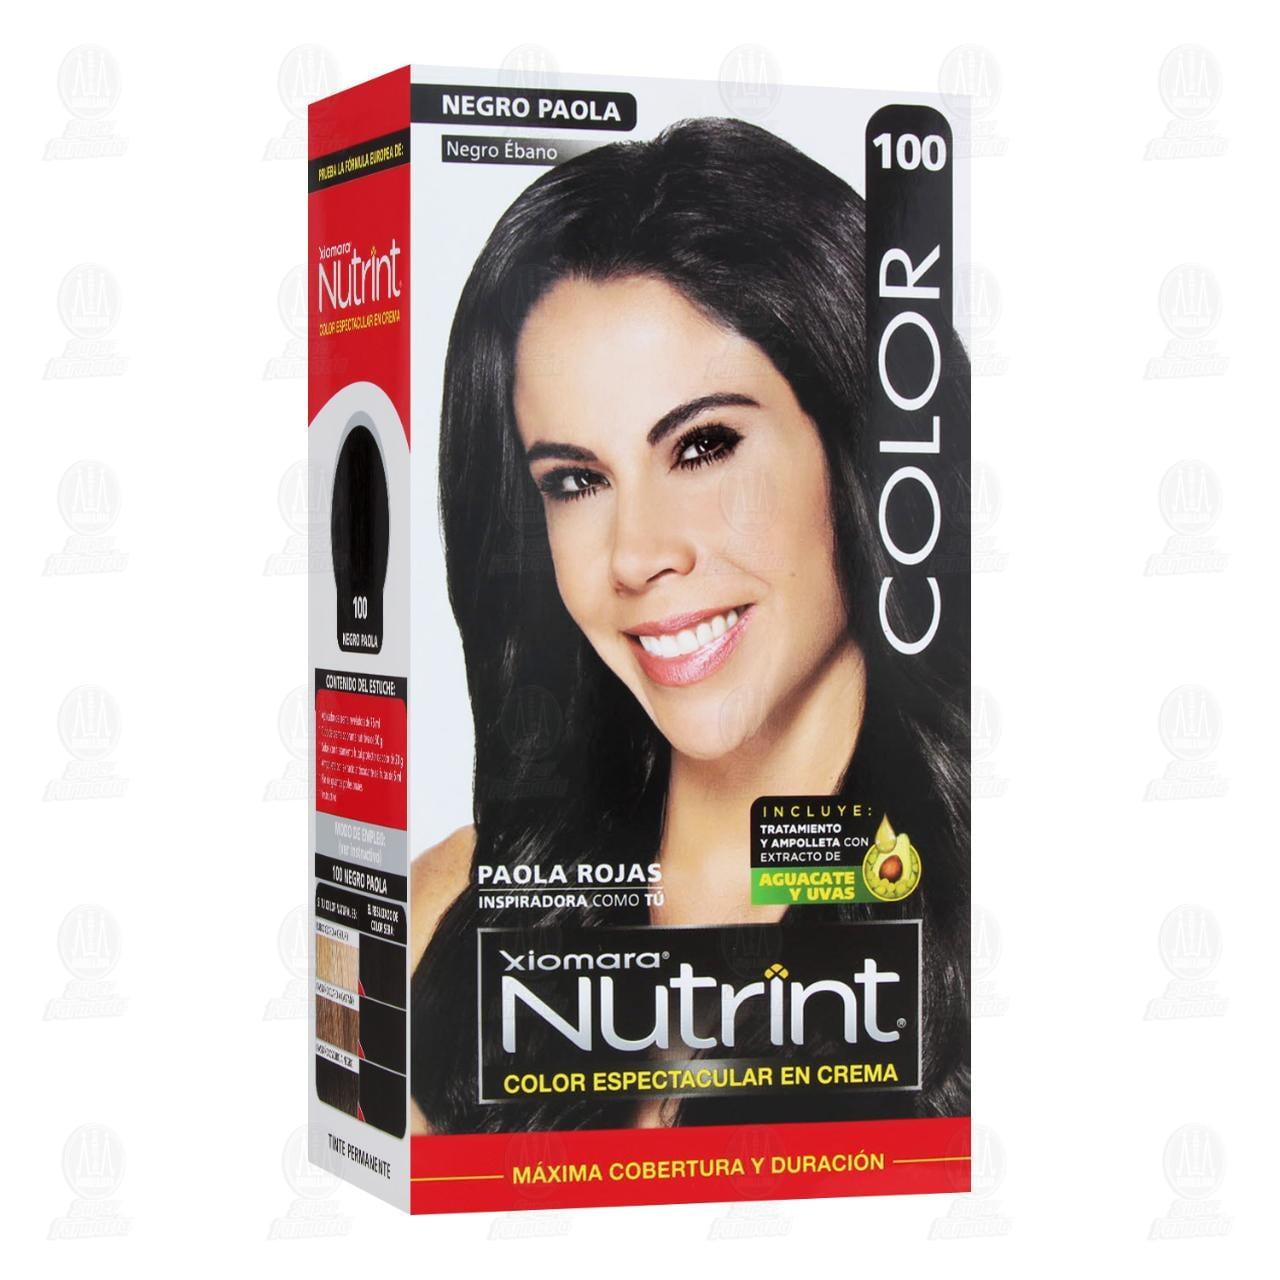 comprar https://www.movil.farmaciasguadalajara.com/wcsstore/FGCAS/wcs/products/1000870_A_1280_AL.jpg en farmacias guadalajara